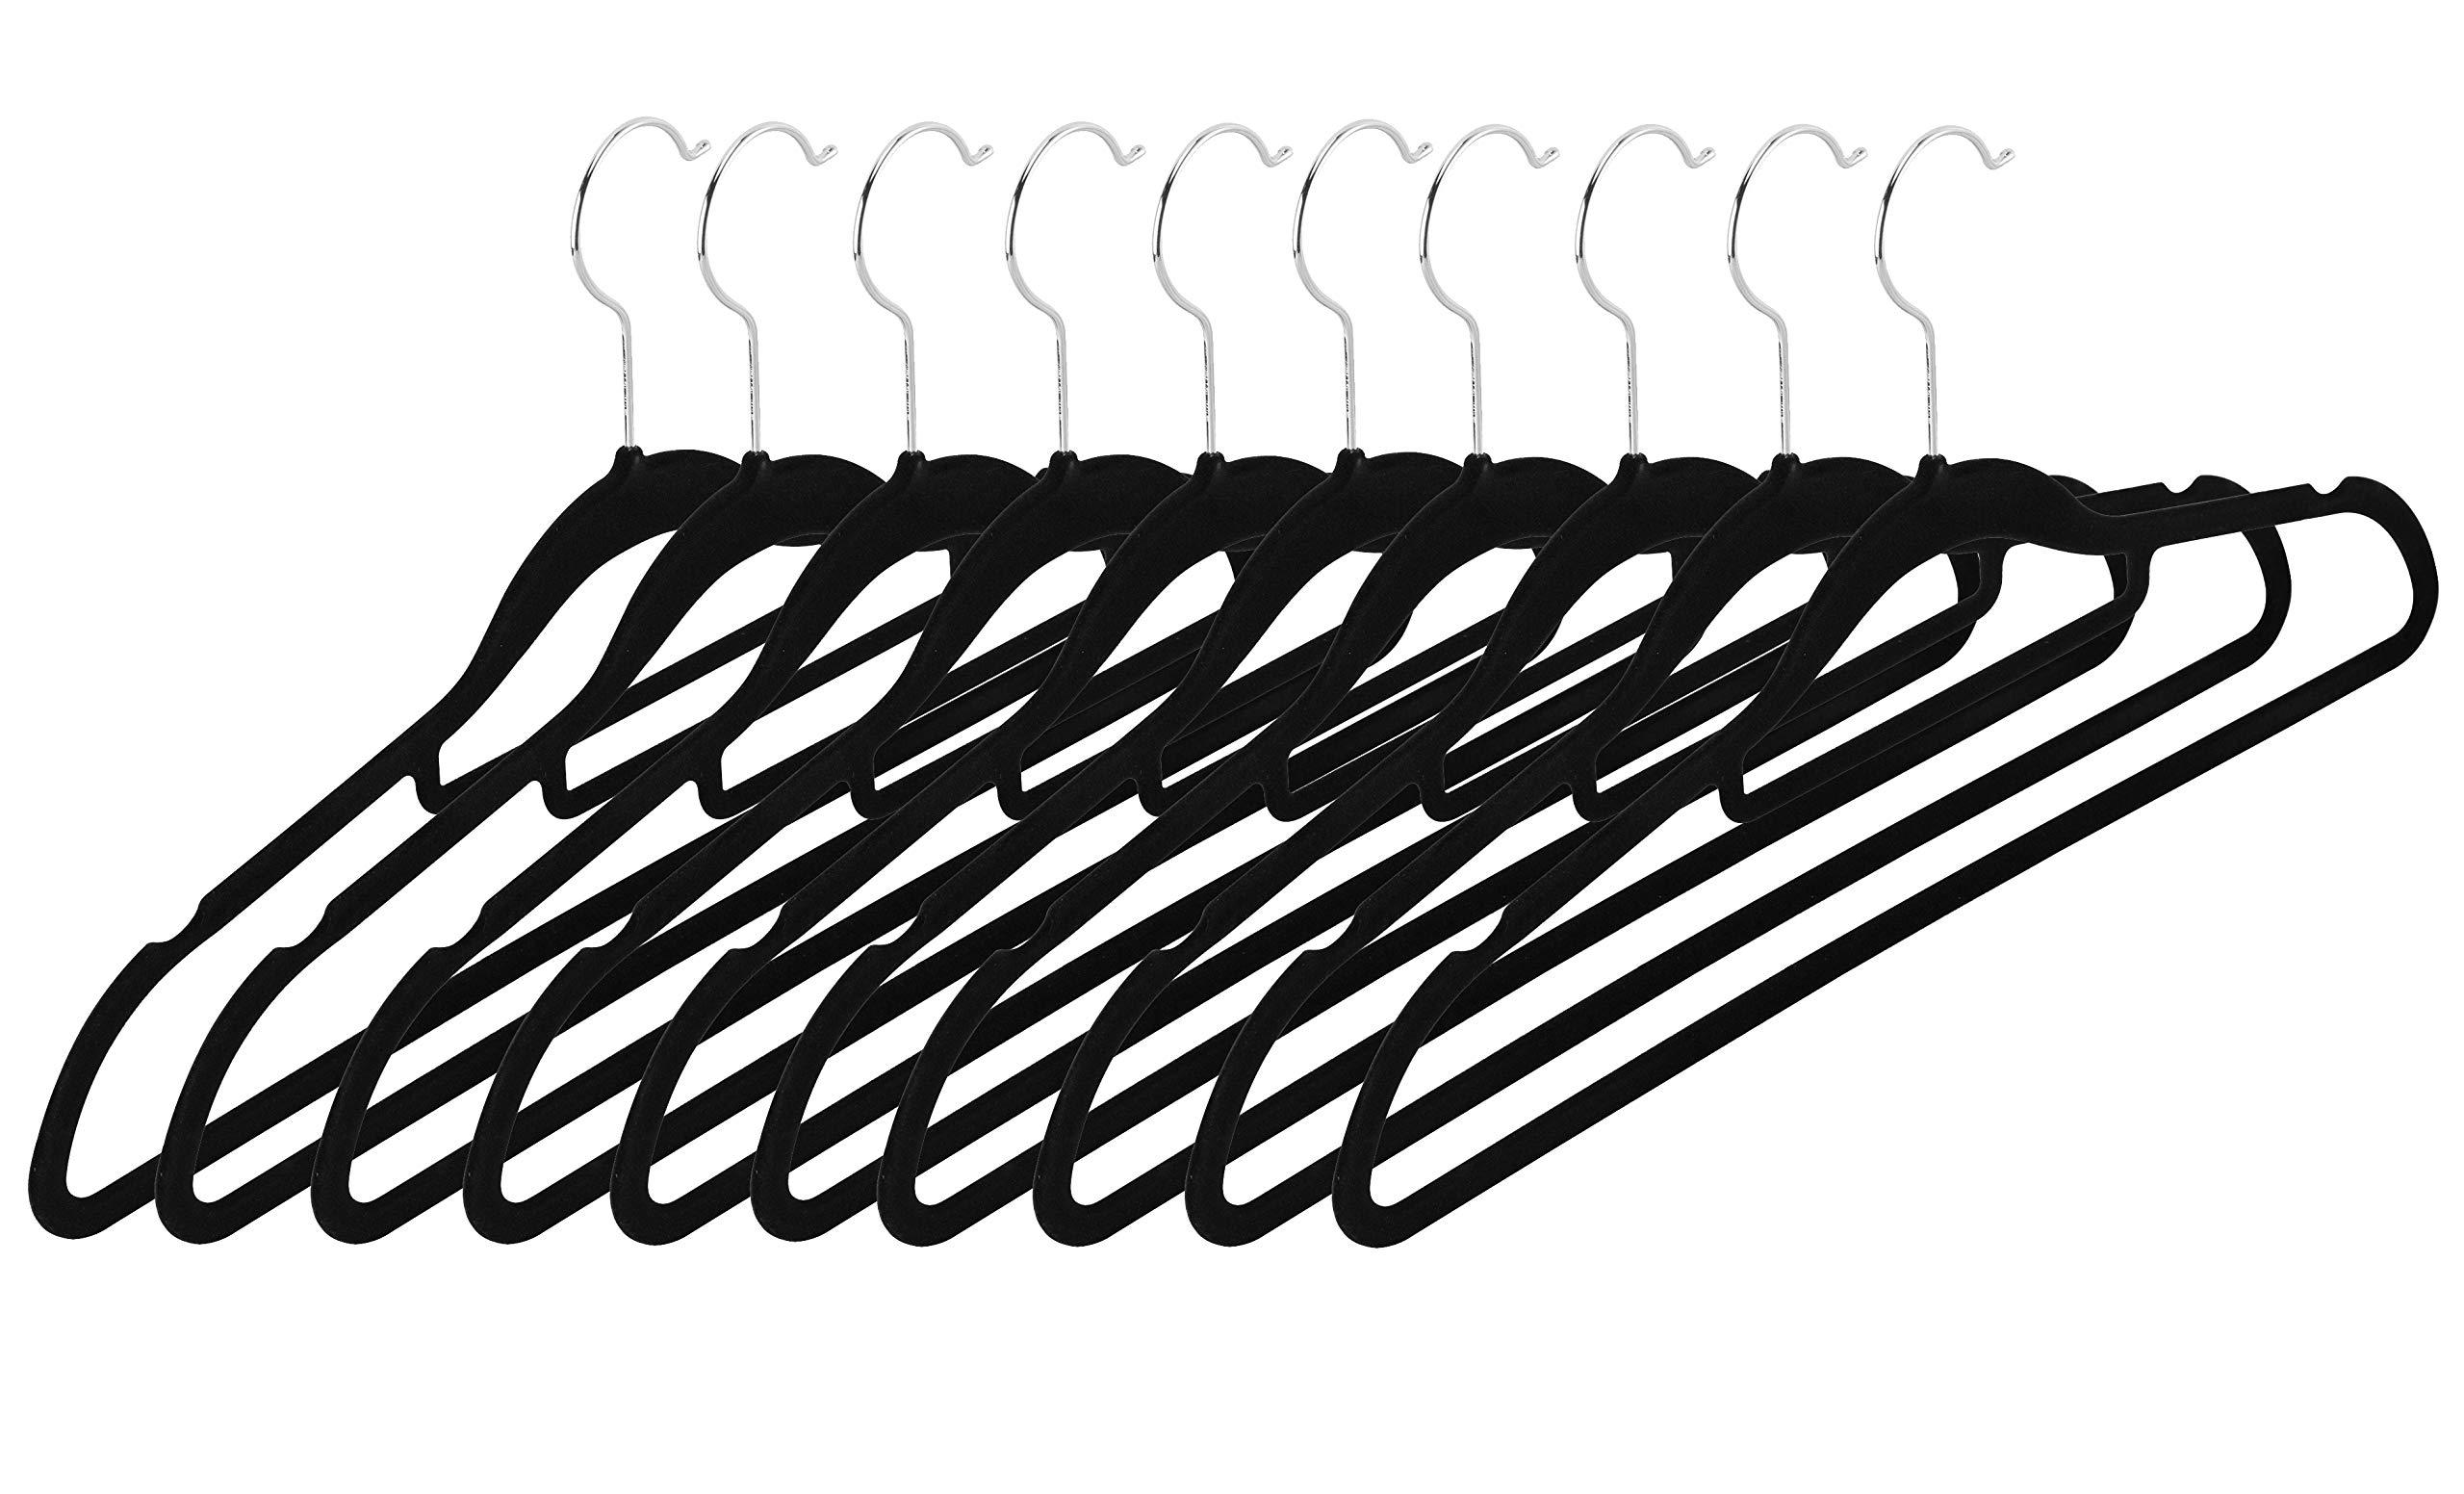 Intirilife Hosenb/ügel in MATT SCHWARZ 10 St/ück Hosenb/ügel aus Kunststoff und Metall f/ür R/öcke und Hosen Kleiderb/ügel Klemmb/ügel Rockb/ügel W/äscheb/ügel Rockspanner Hosenspanner